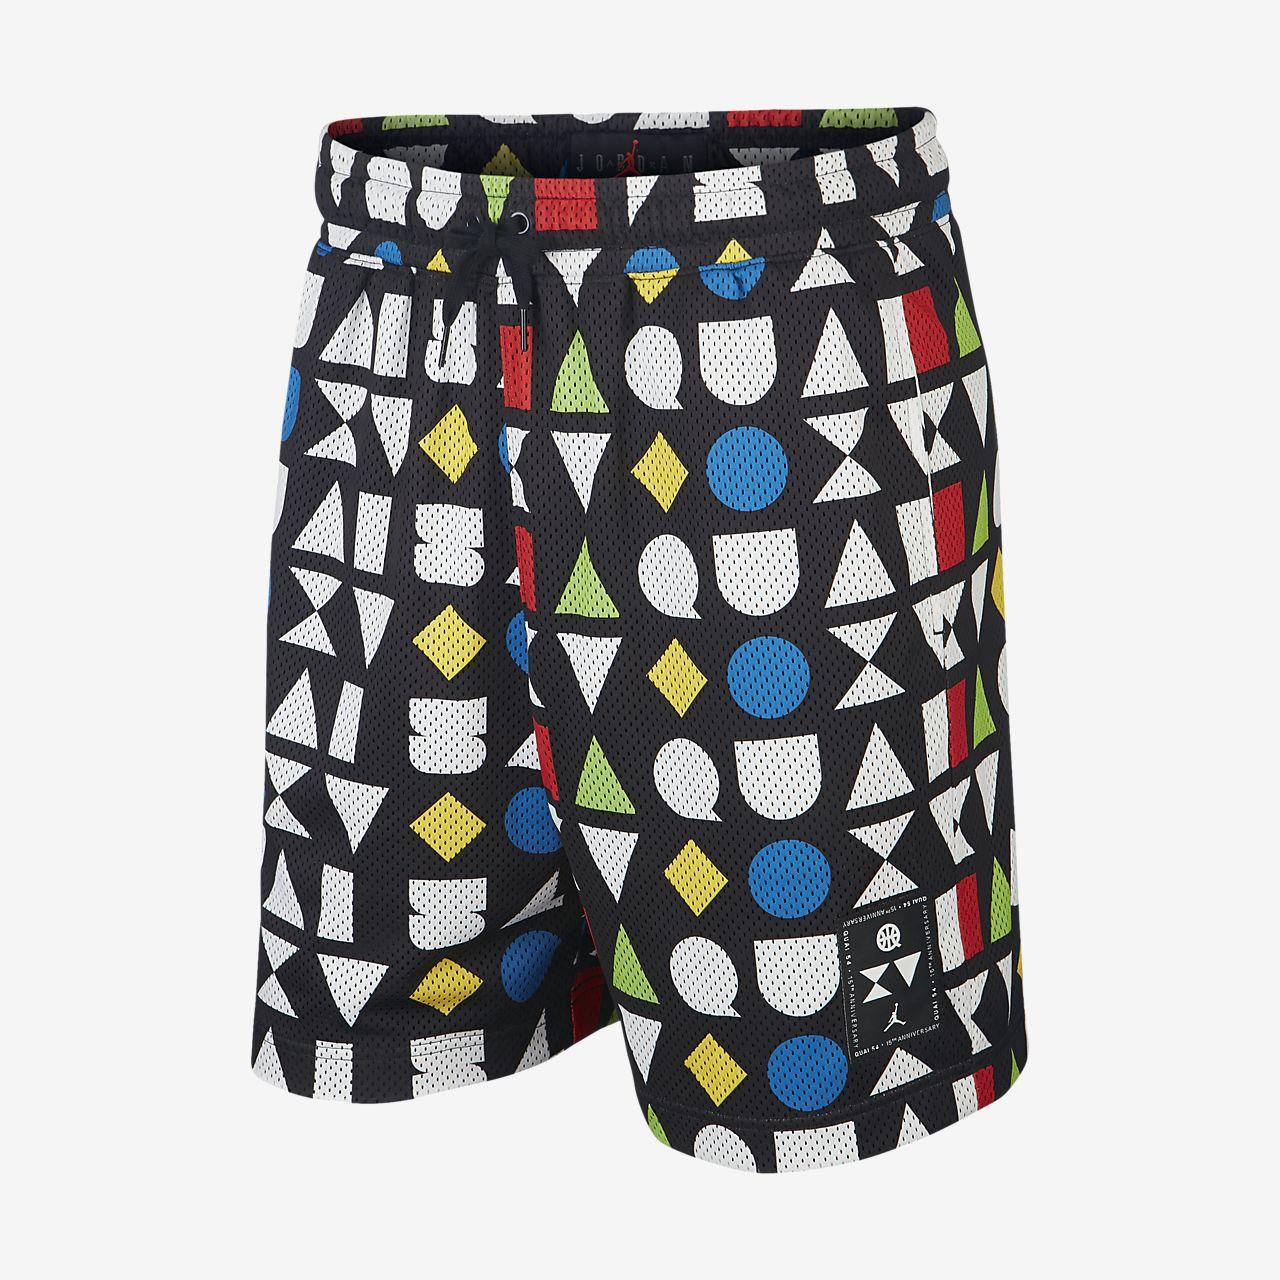 Jordan Quai 54 Men's Shorts